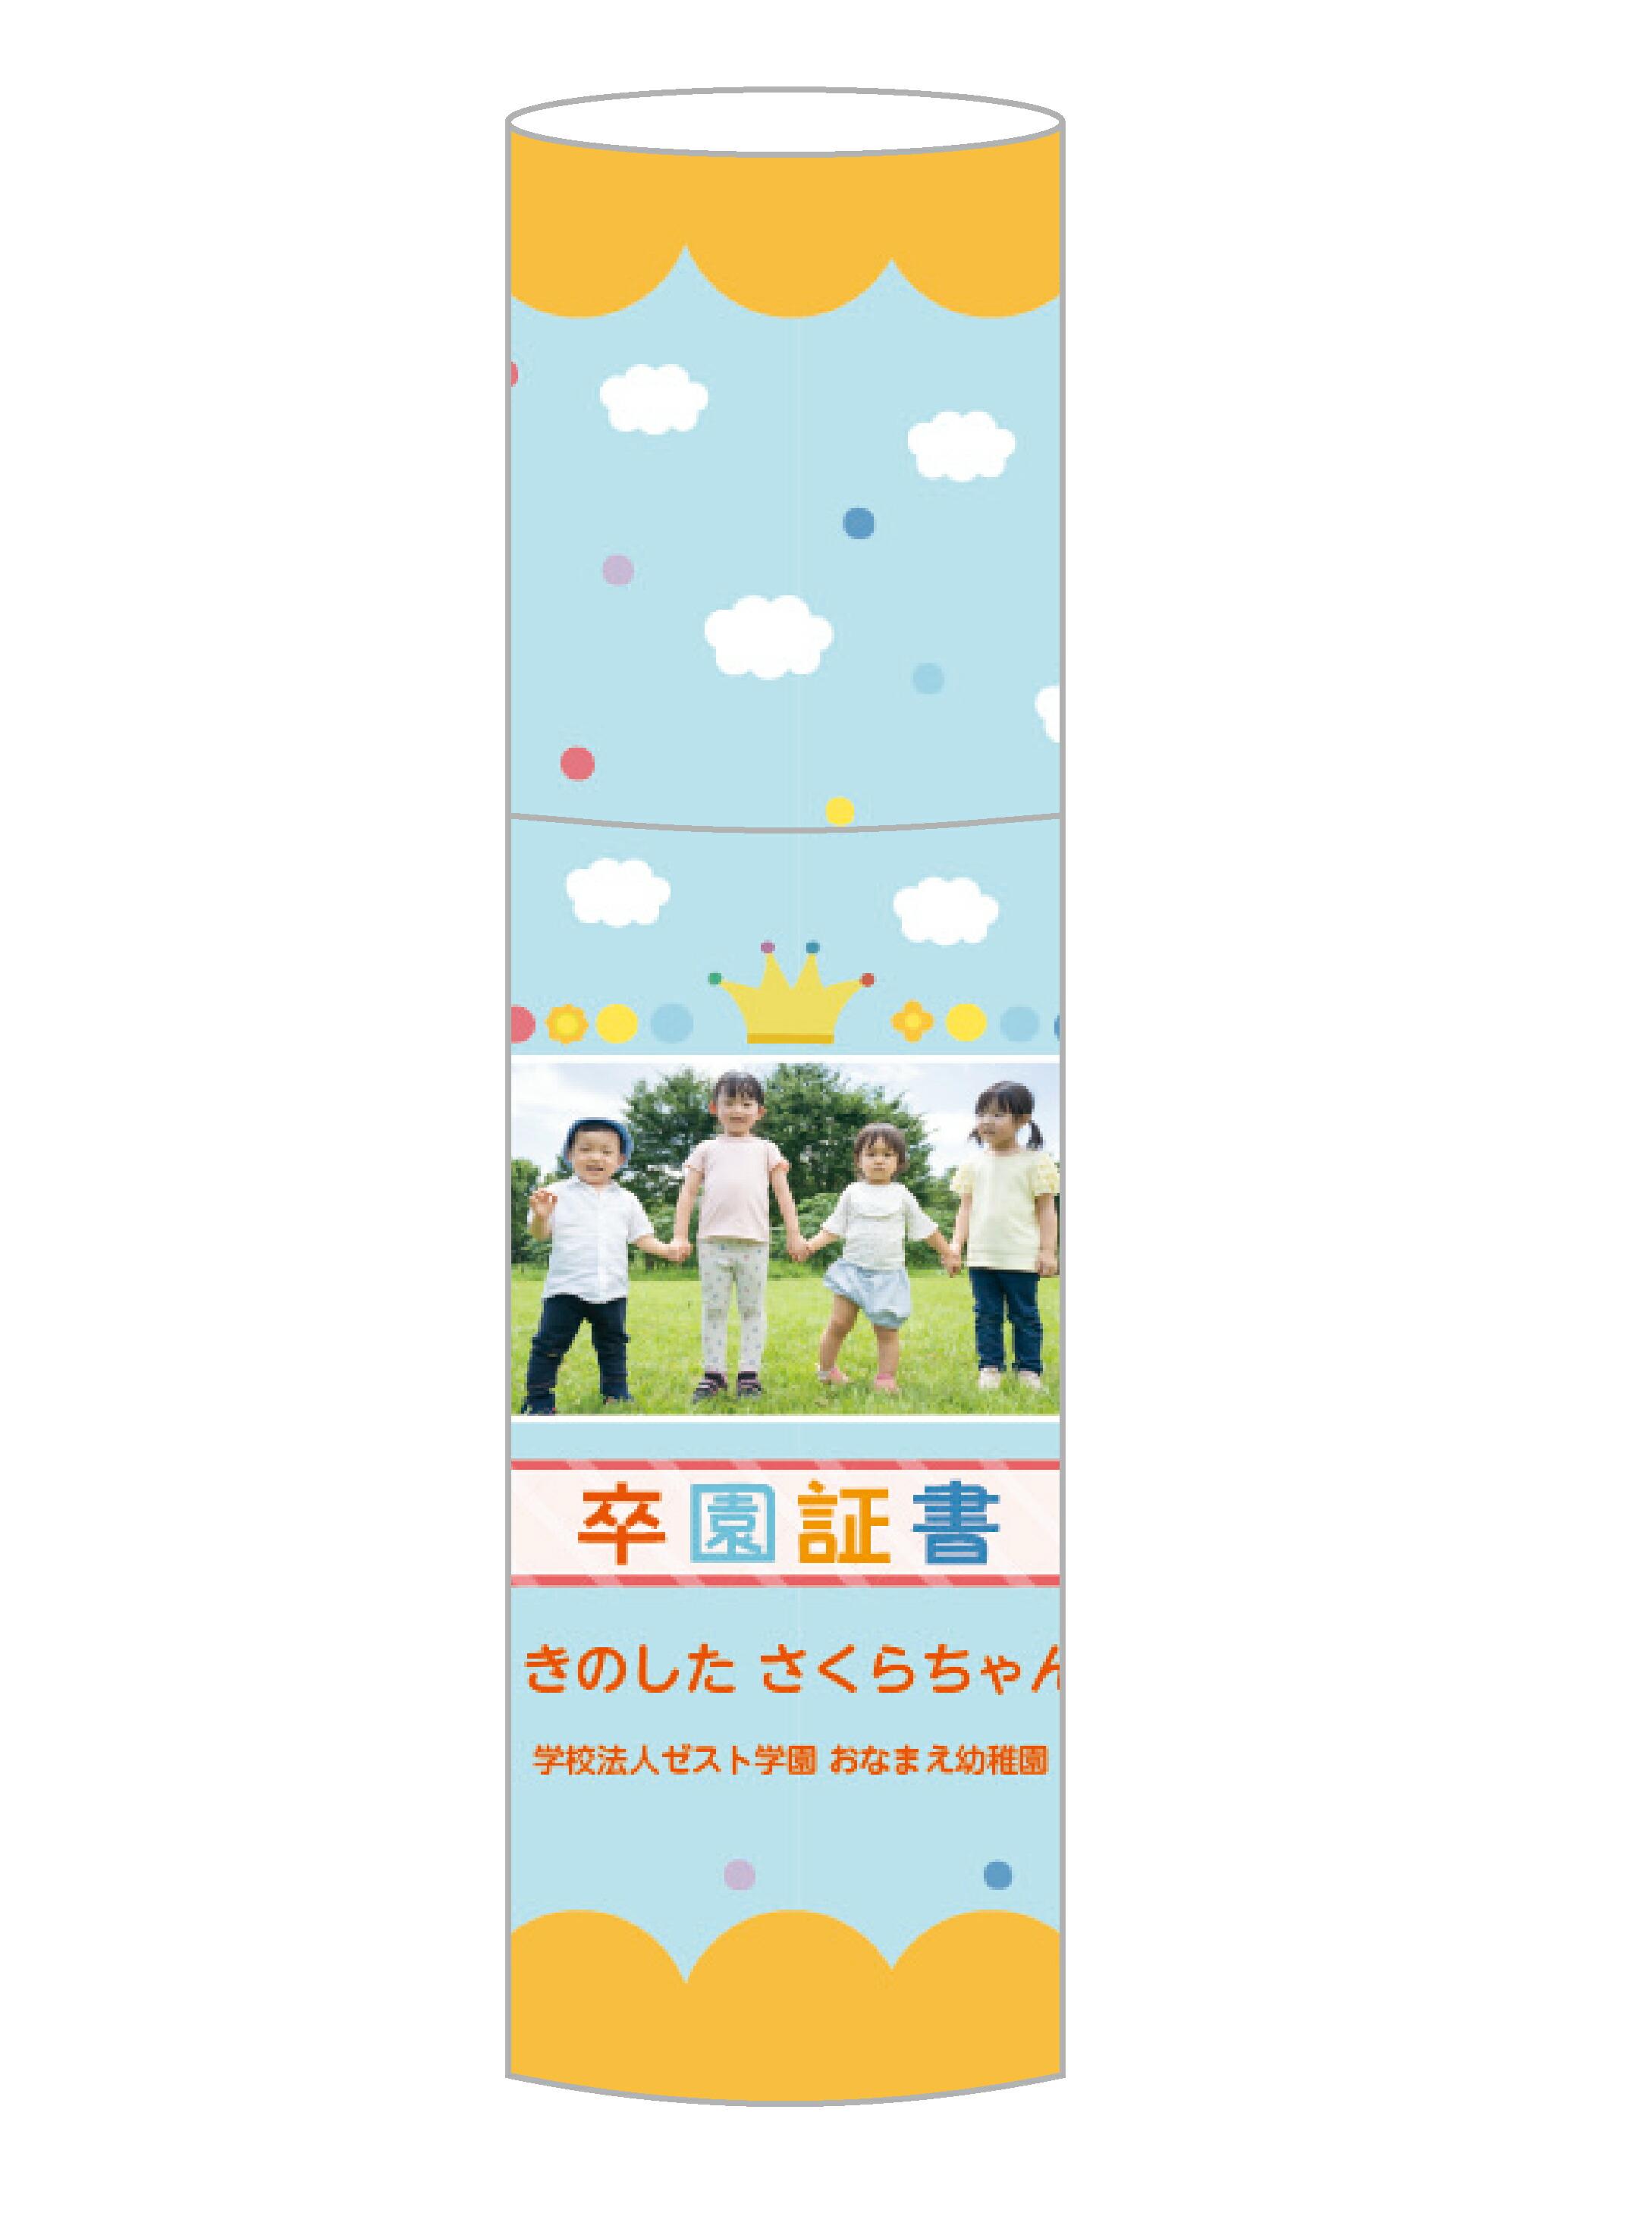 09集合写真_卒園証書